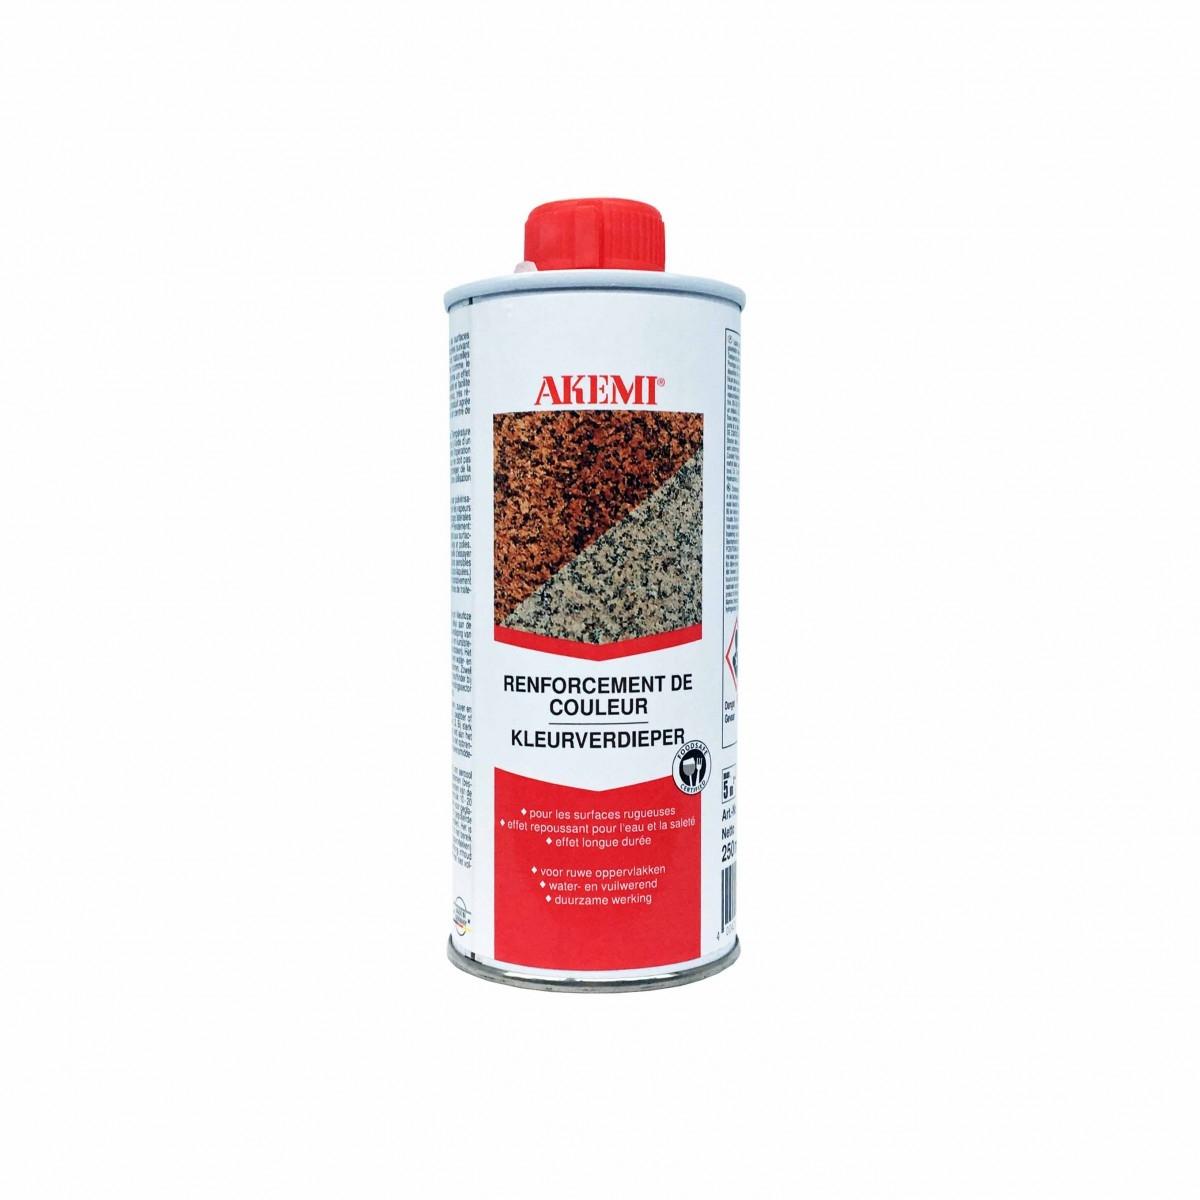 Akemi Kleurverdieper reinigingsmiddel 250ml voor natuursteen